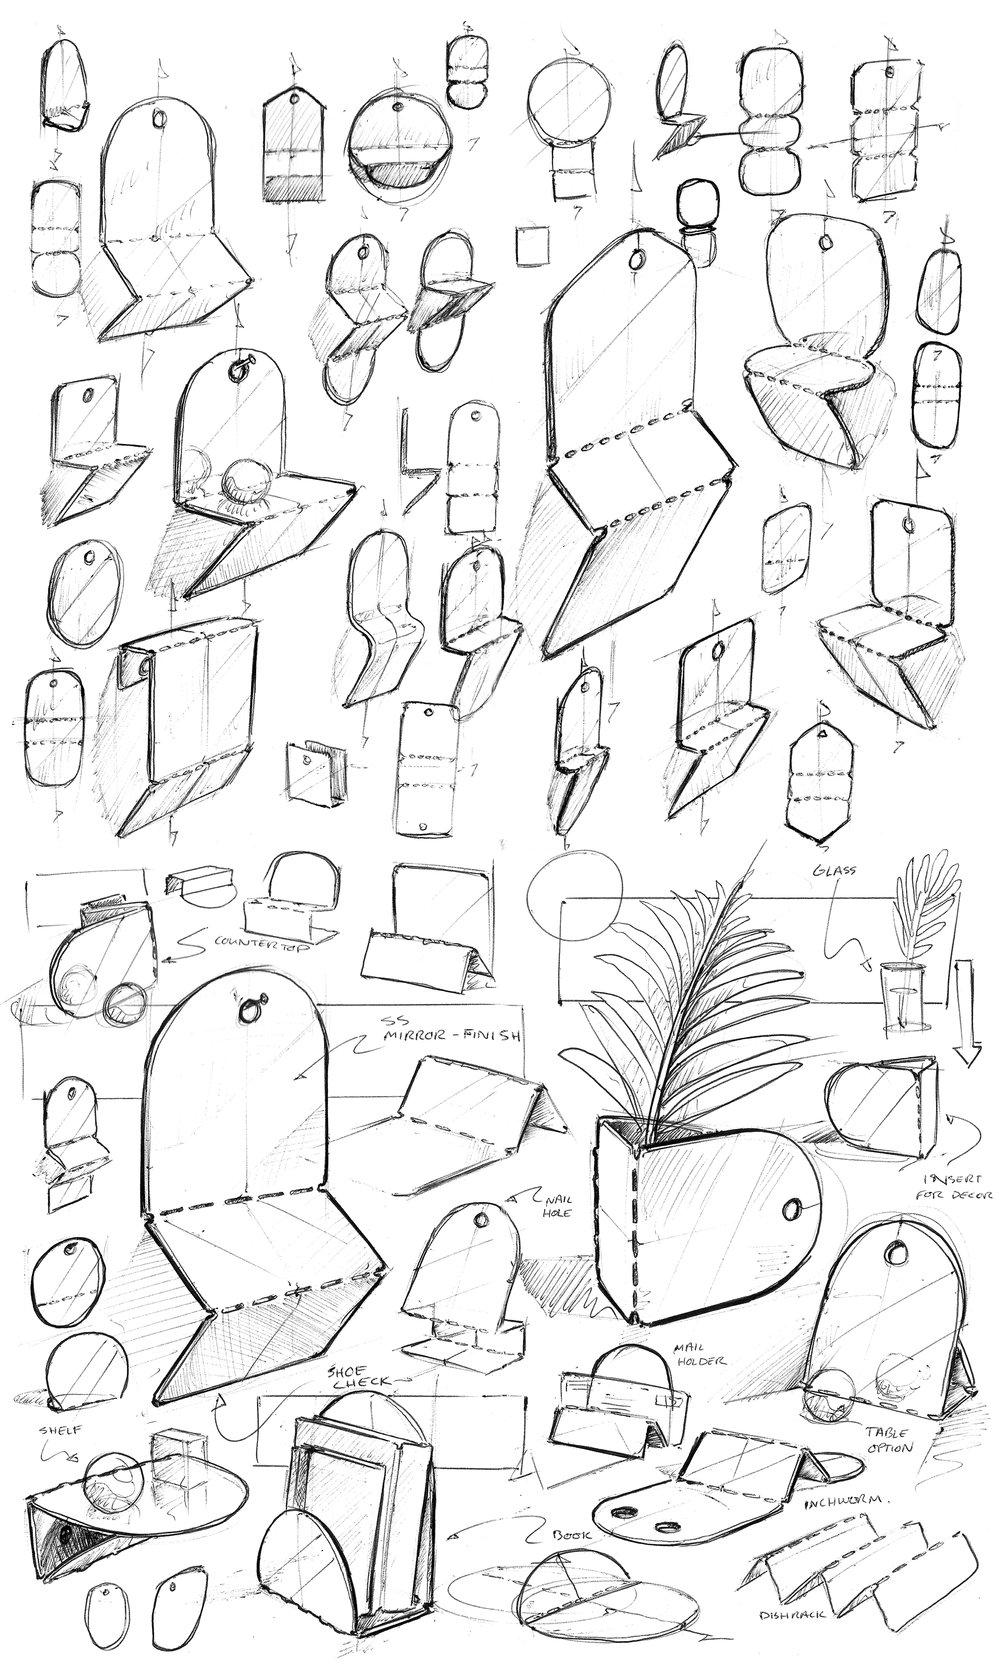 bend-mirror-sketches-nicholas-baker